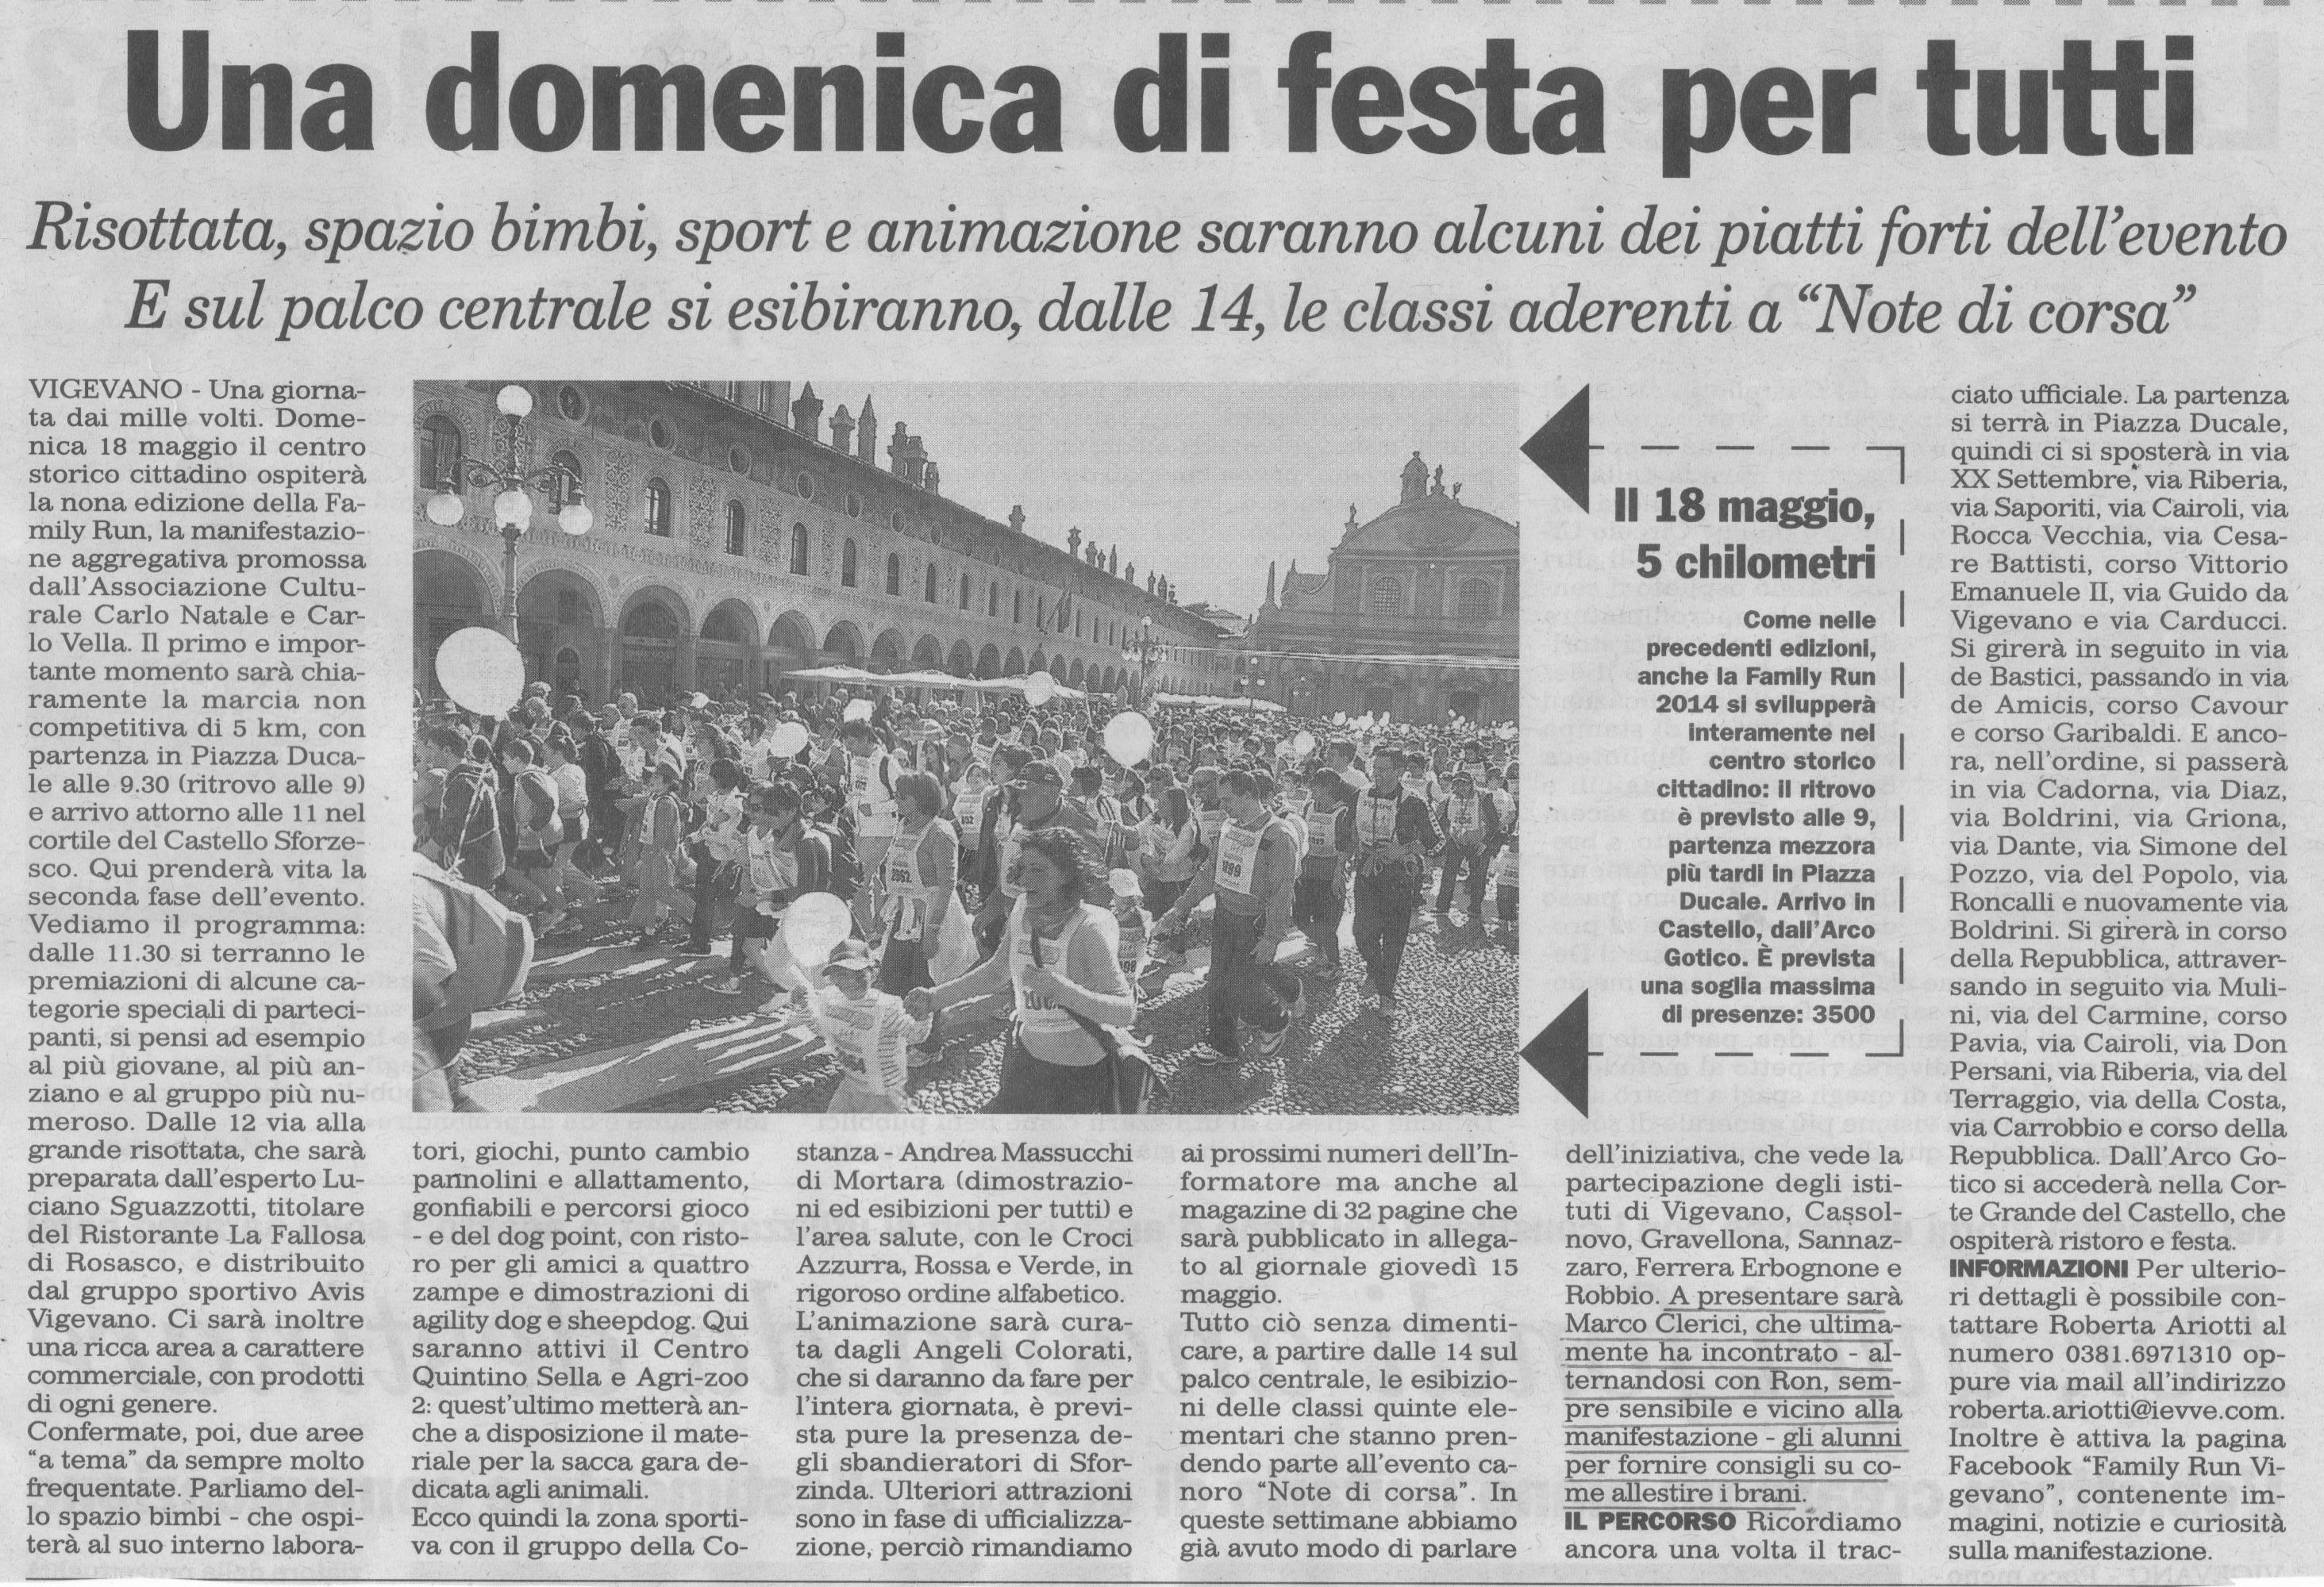 FAMILY RUN E NOTE DI CORSA 2014